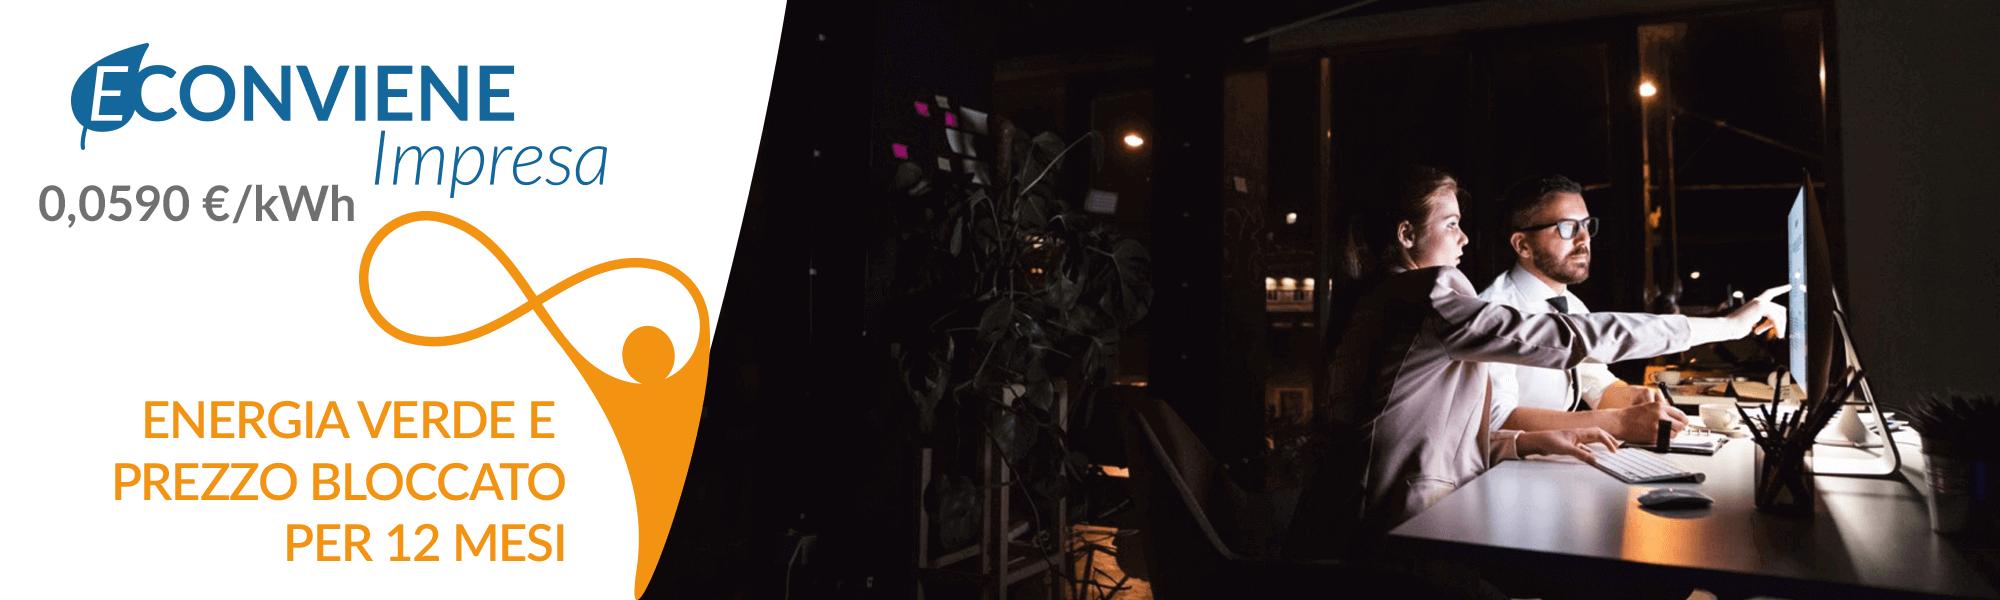 ondapiu-econviene-luce-impresa-section-1